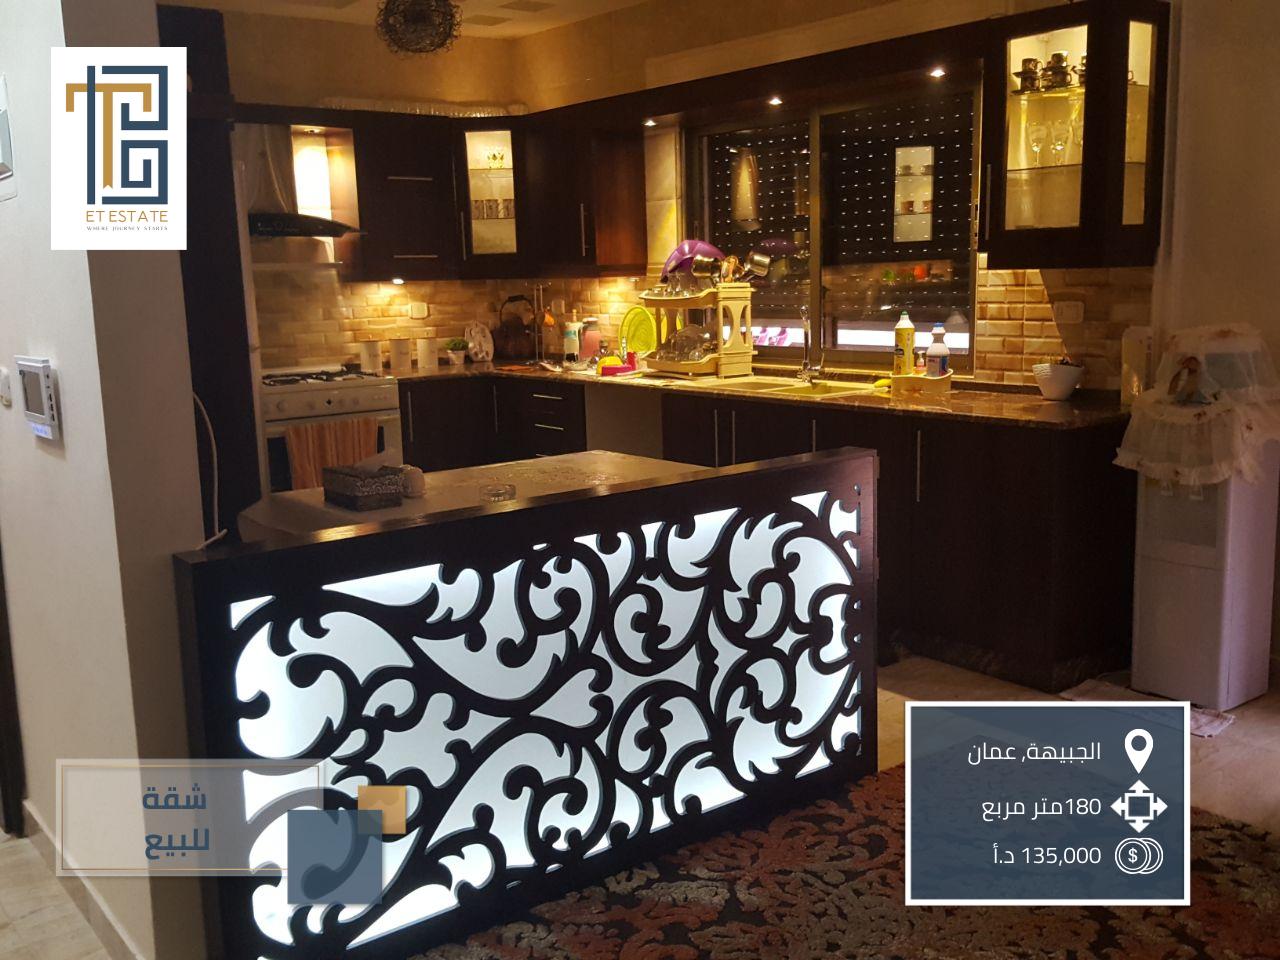 شقة مفروشة للبيع في الجبيهة – عمان